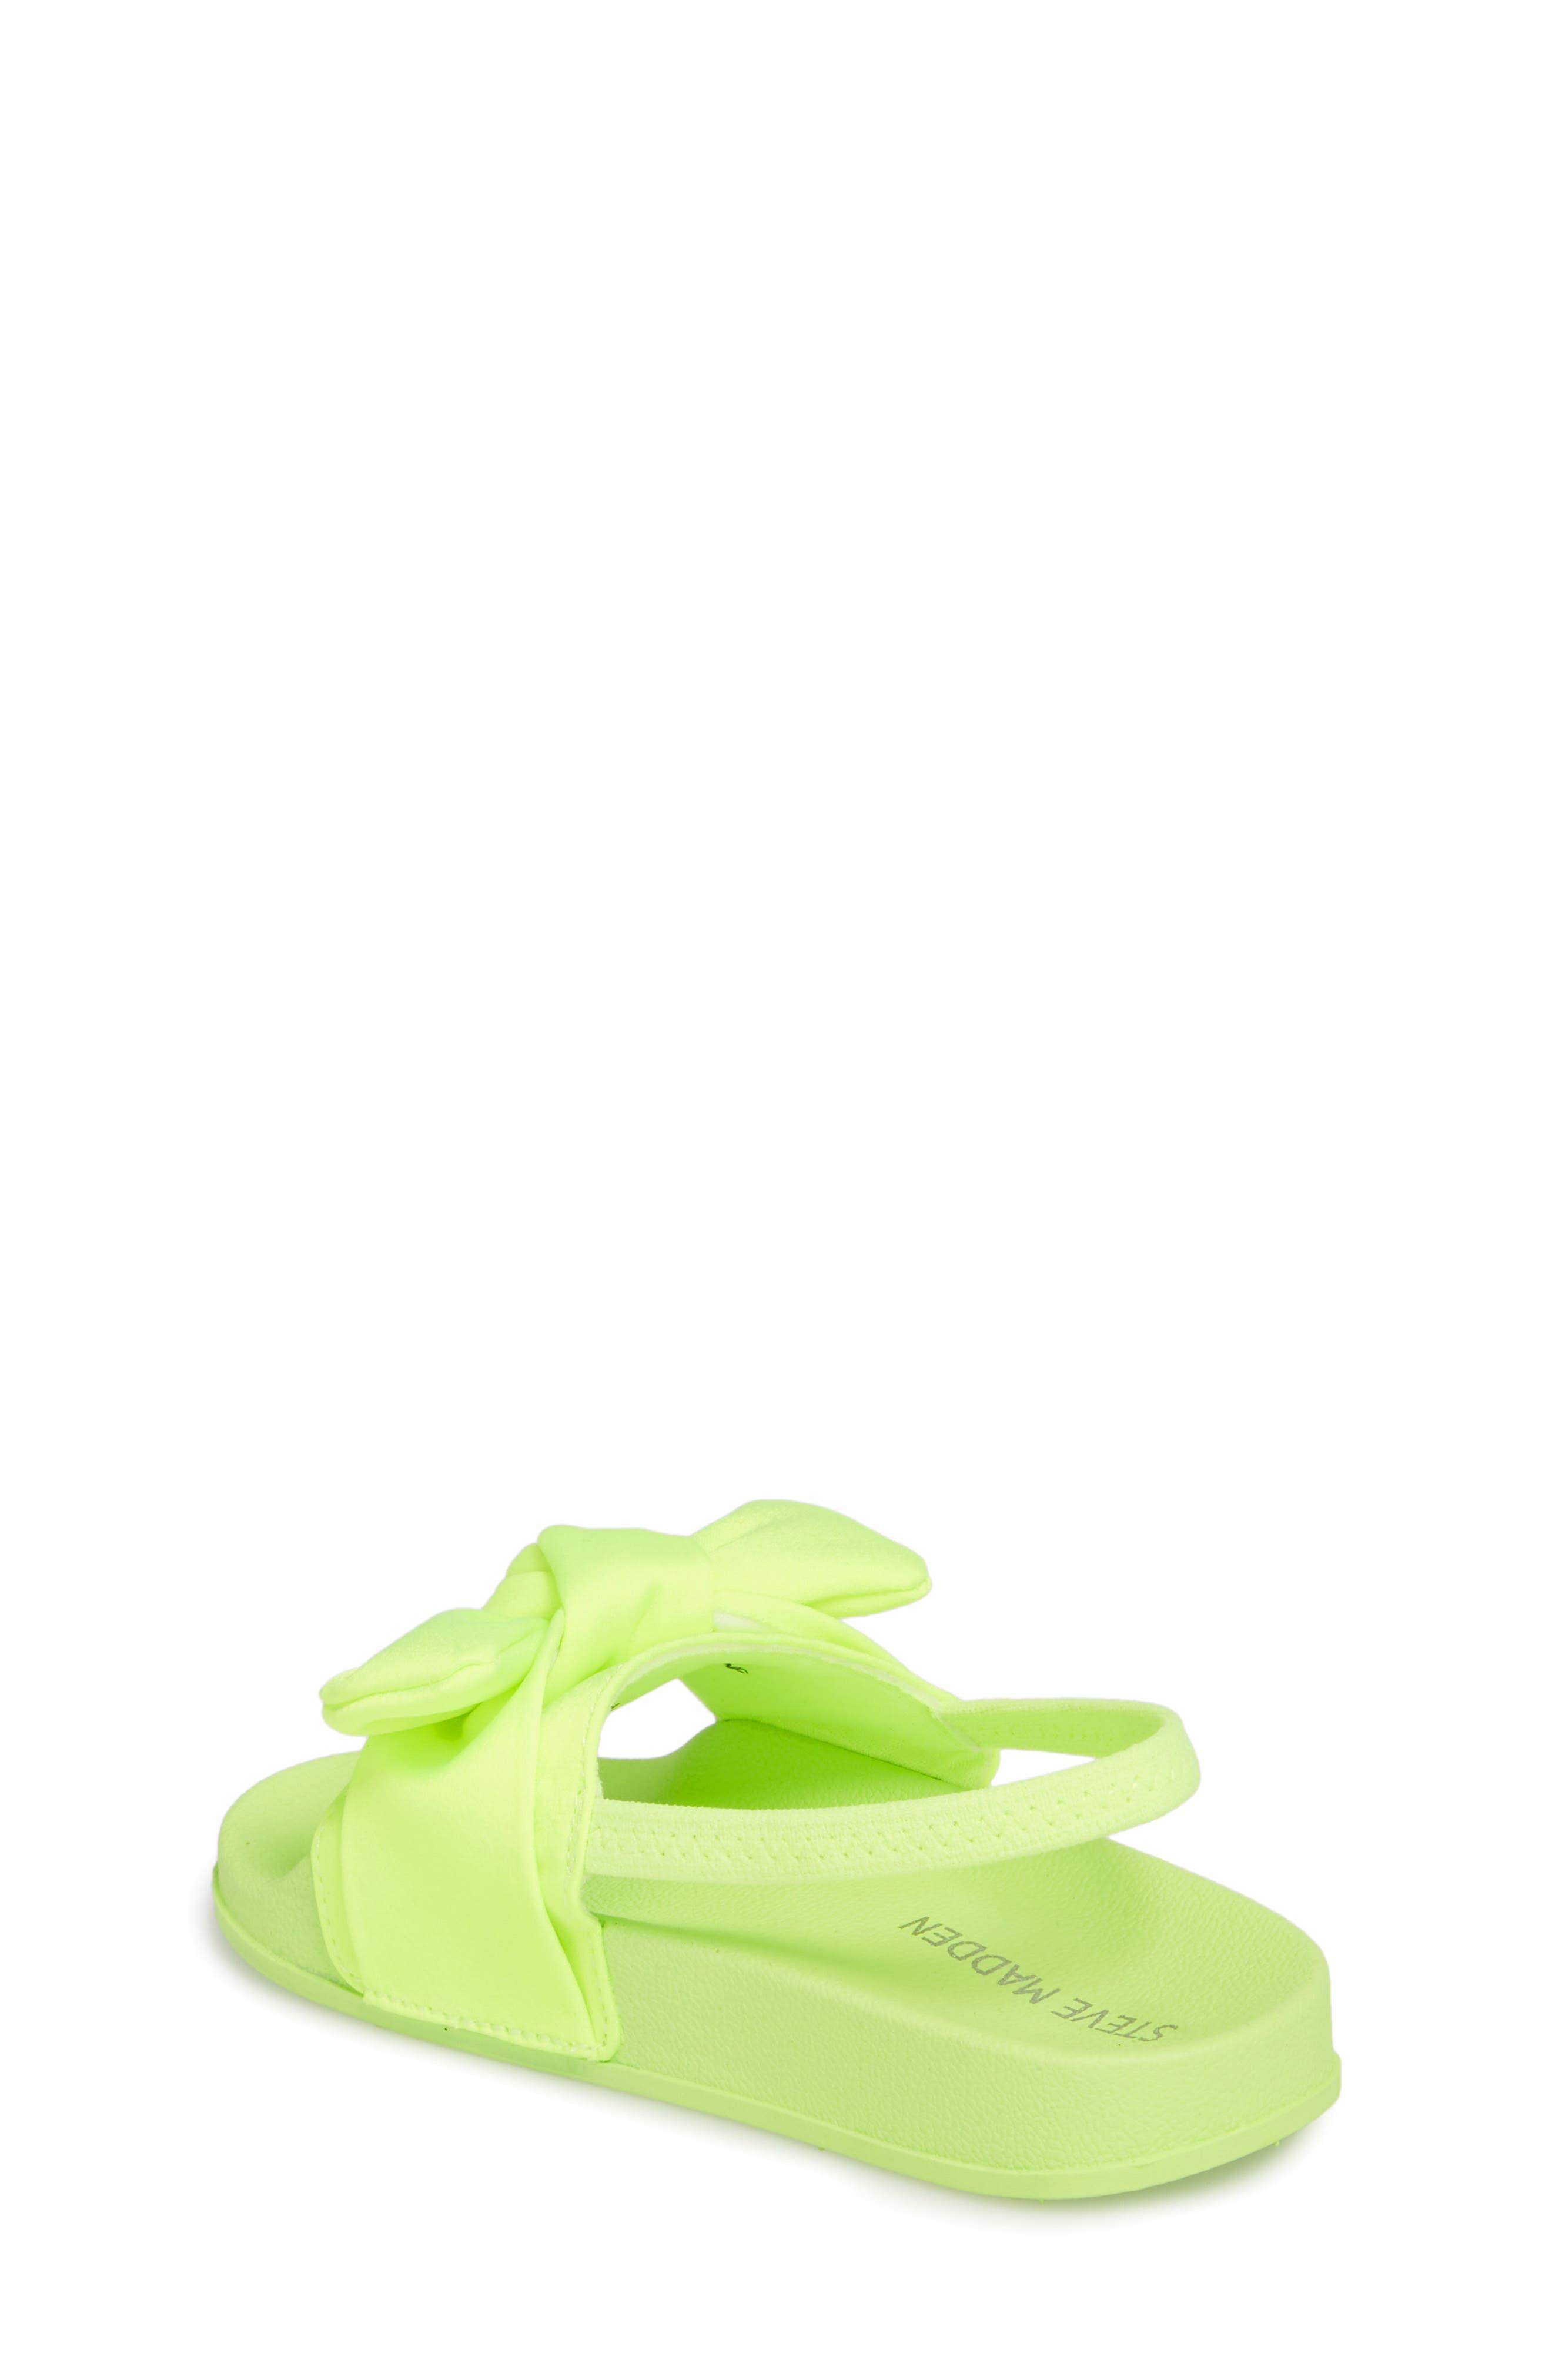 Tsilky Knotted Slide Sandal,                             Alternate thumbnail 10, color,